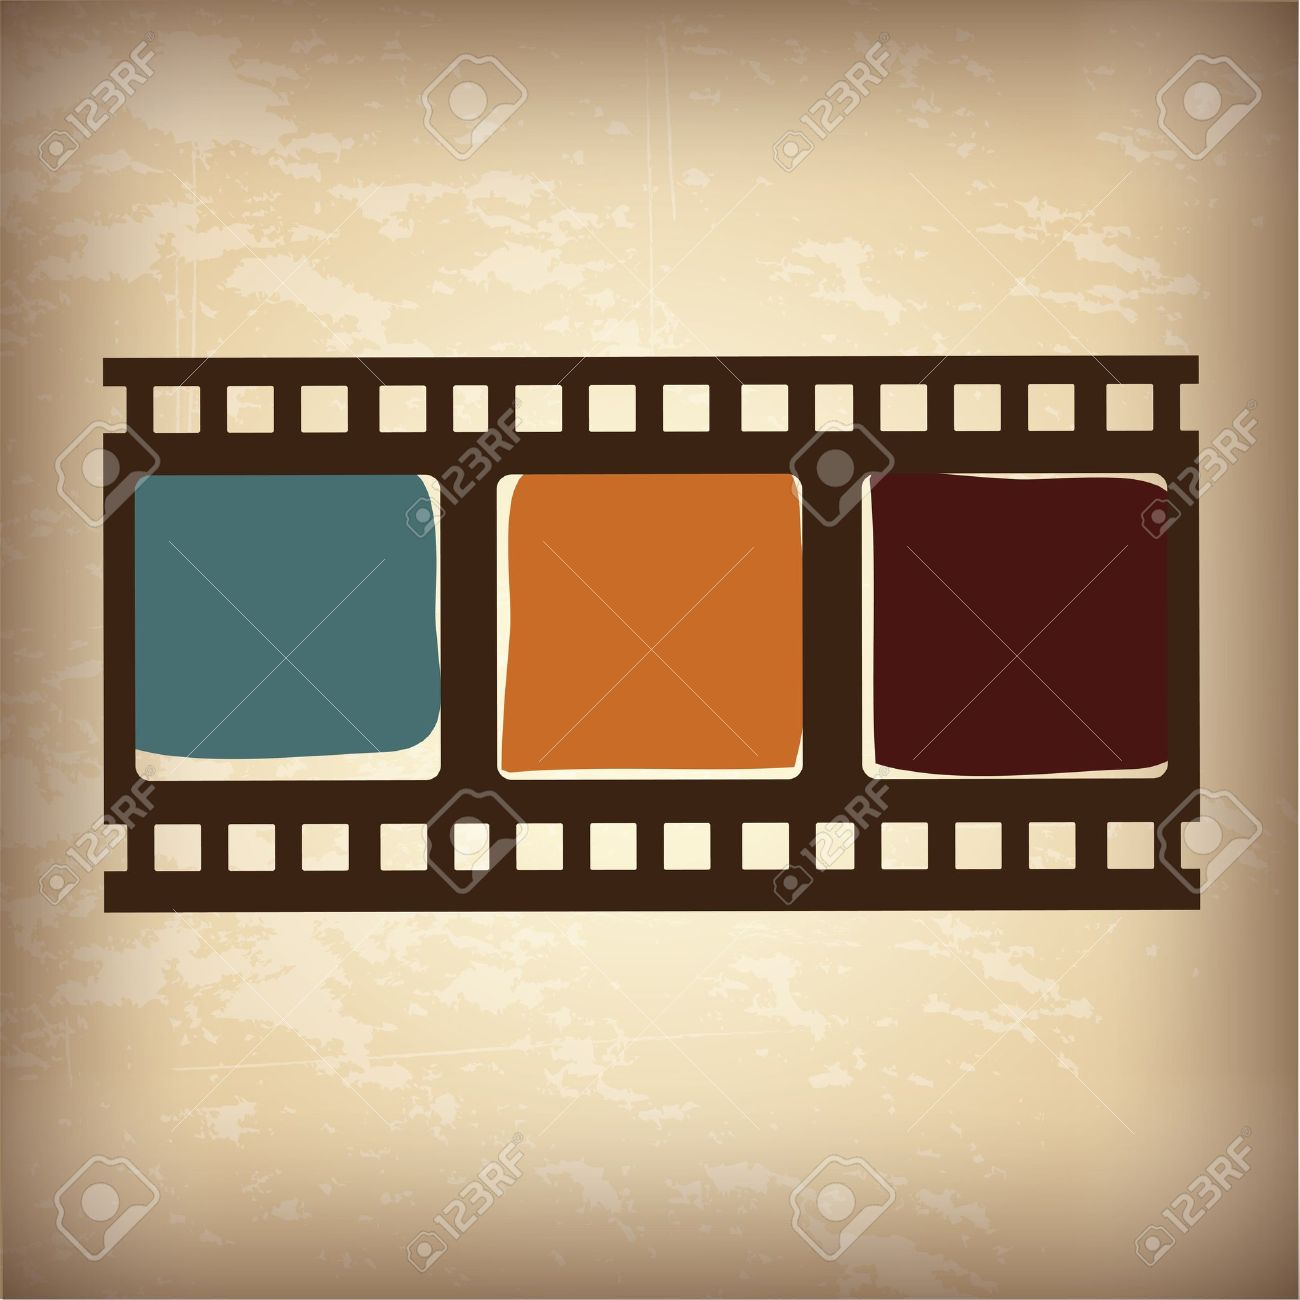 video tape over vintage background illustration